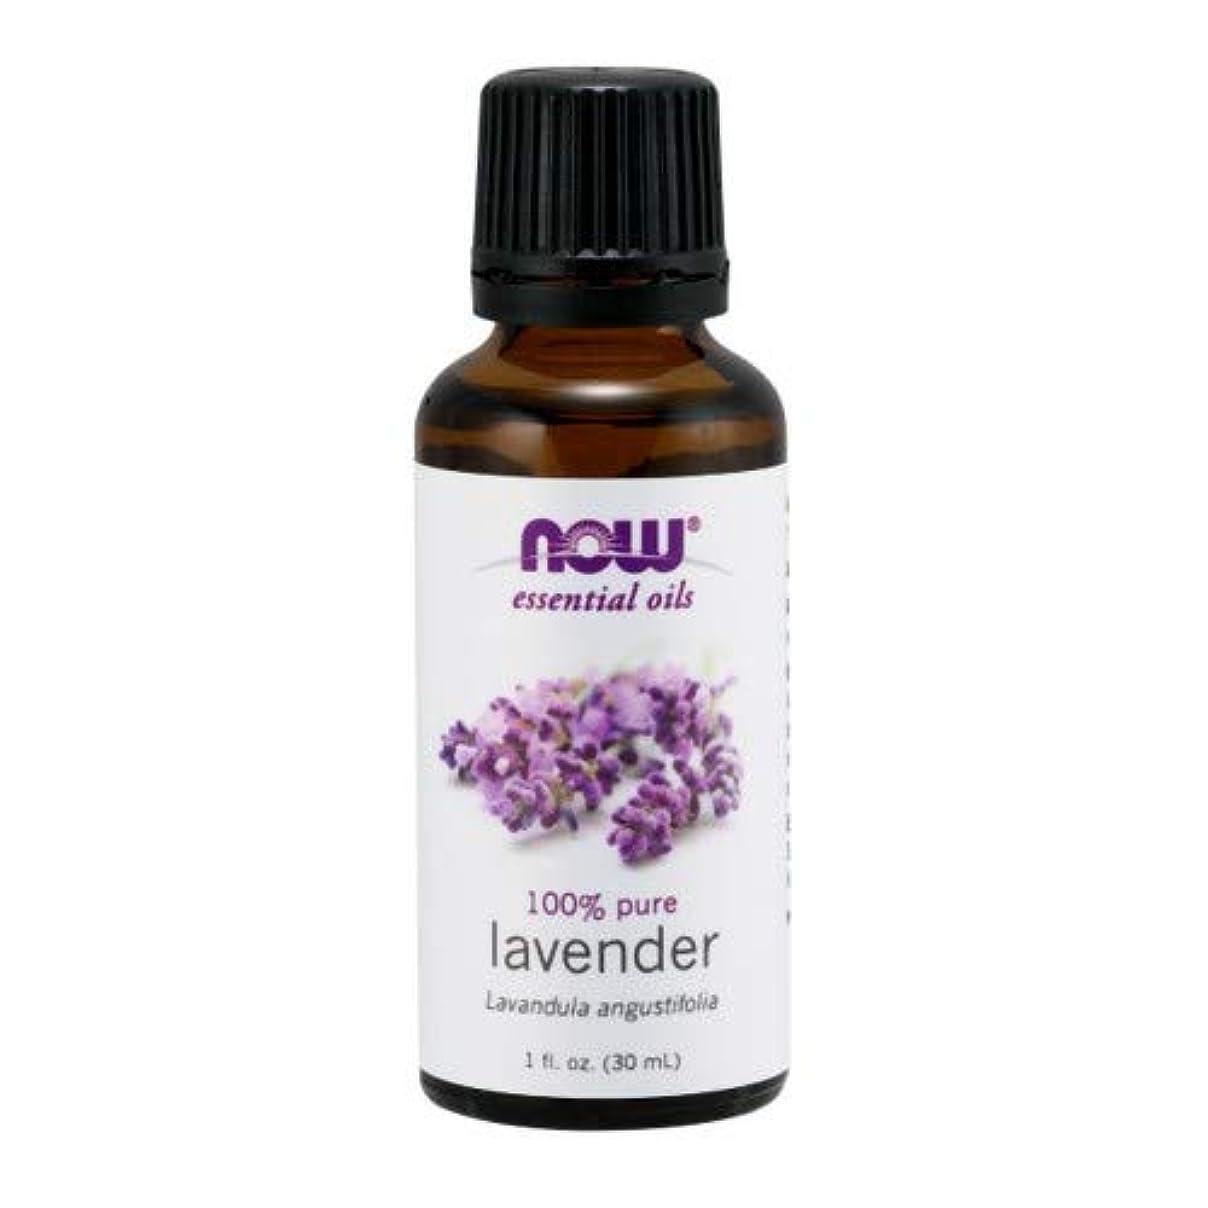 バンおとなしい立派なエッセンシャルオイル ラベンダーオイル 30ml 2個セット ナウフーズ 並行輸入品 NOW Foods Essential Oils Lavender 1 oz Pack of 2